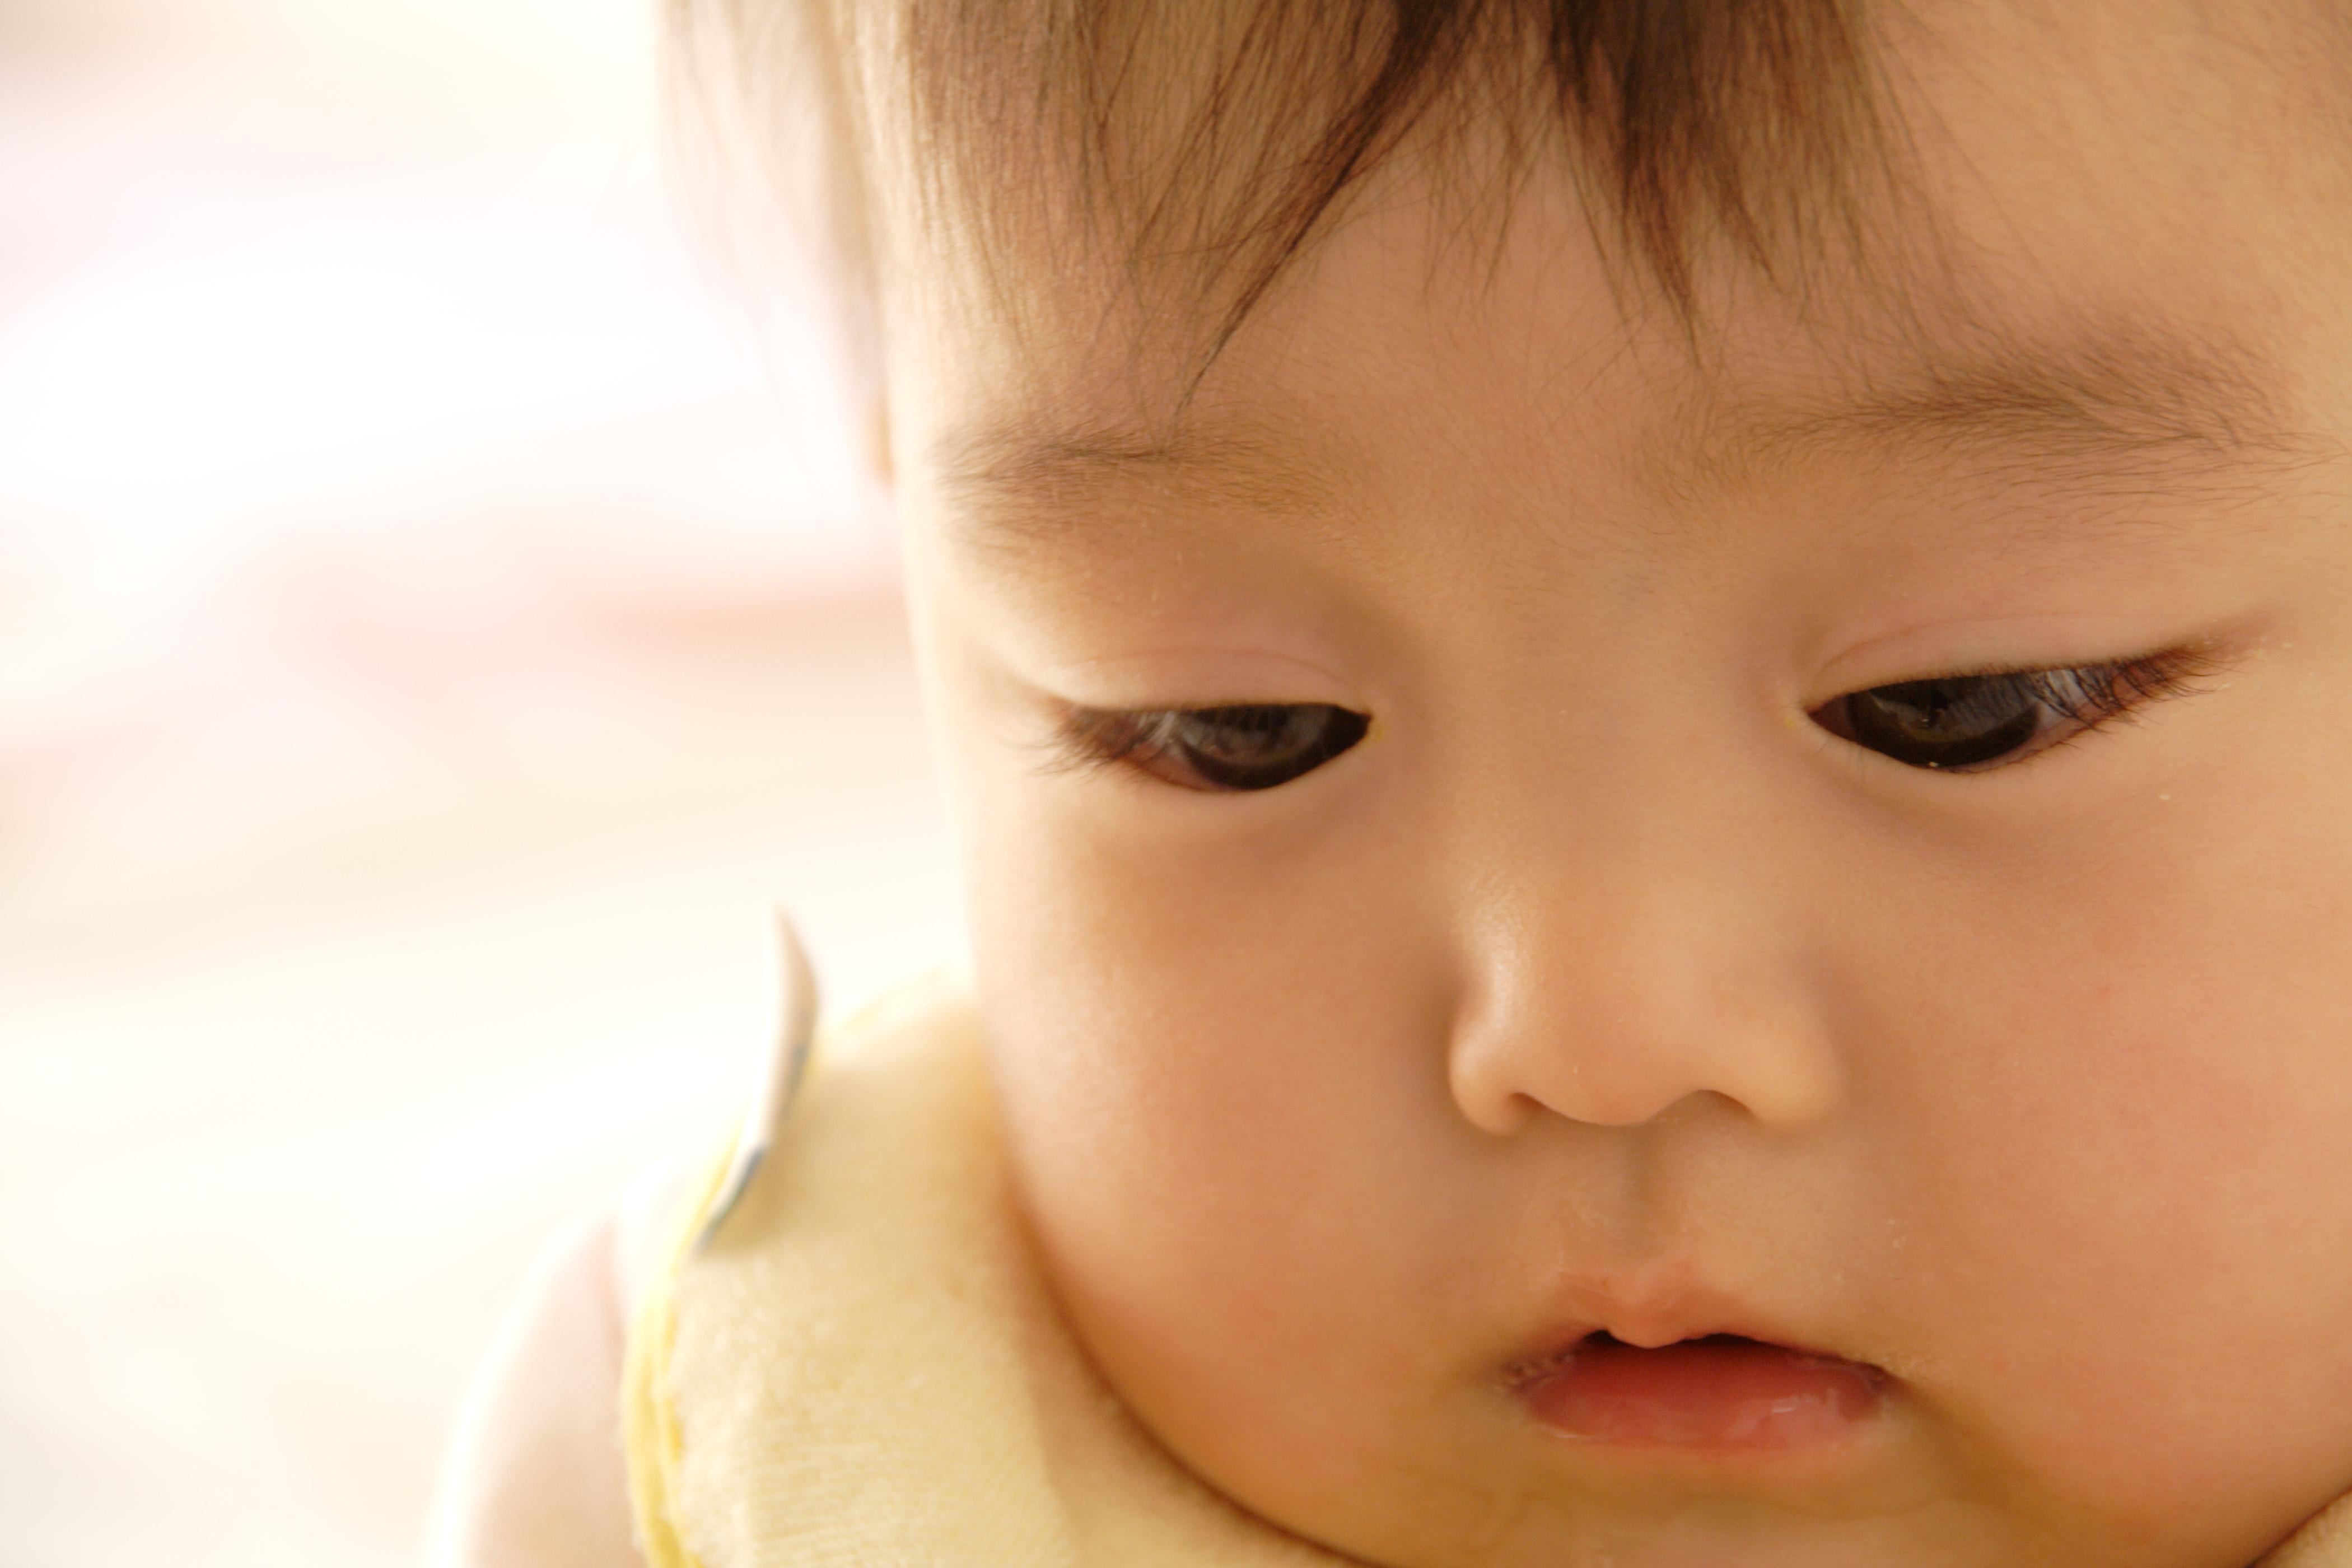 大田区、子供・赤ちゃんに安心・安全なエコ洗剤エアコンクリーニング